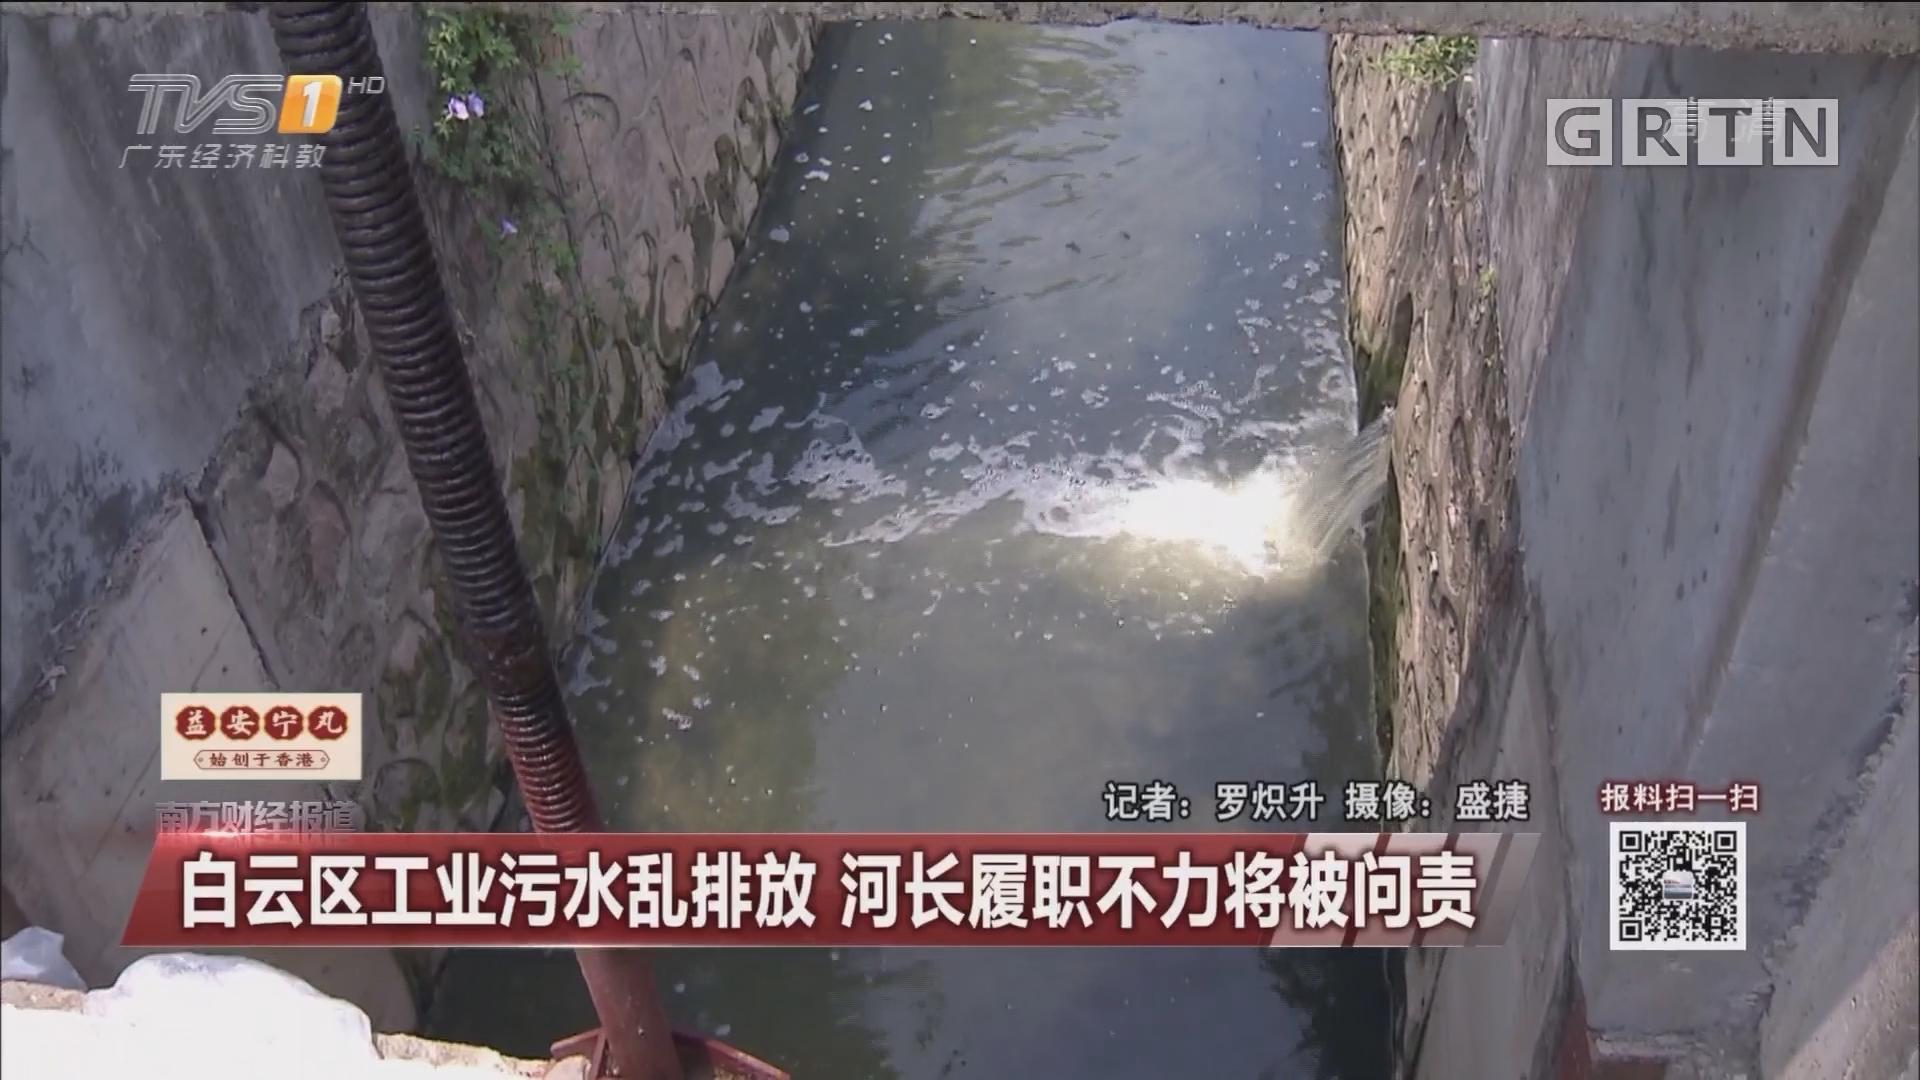 白云区工业污水乱排放 河长履职不力将被问责